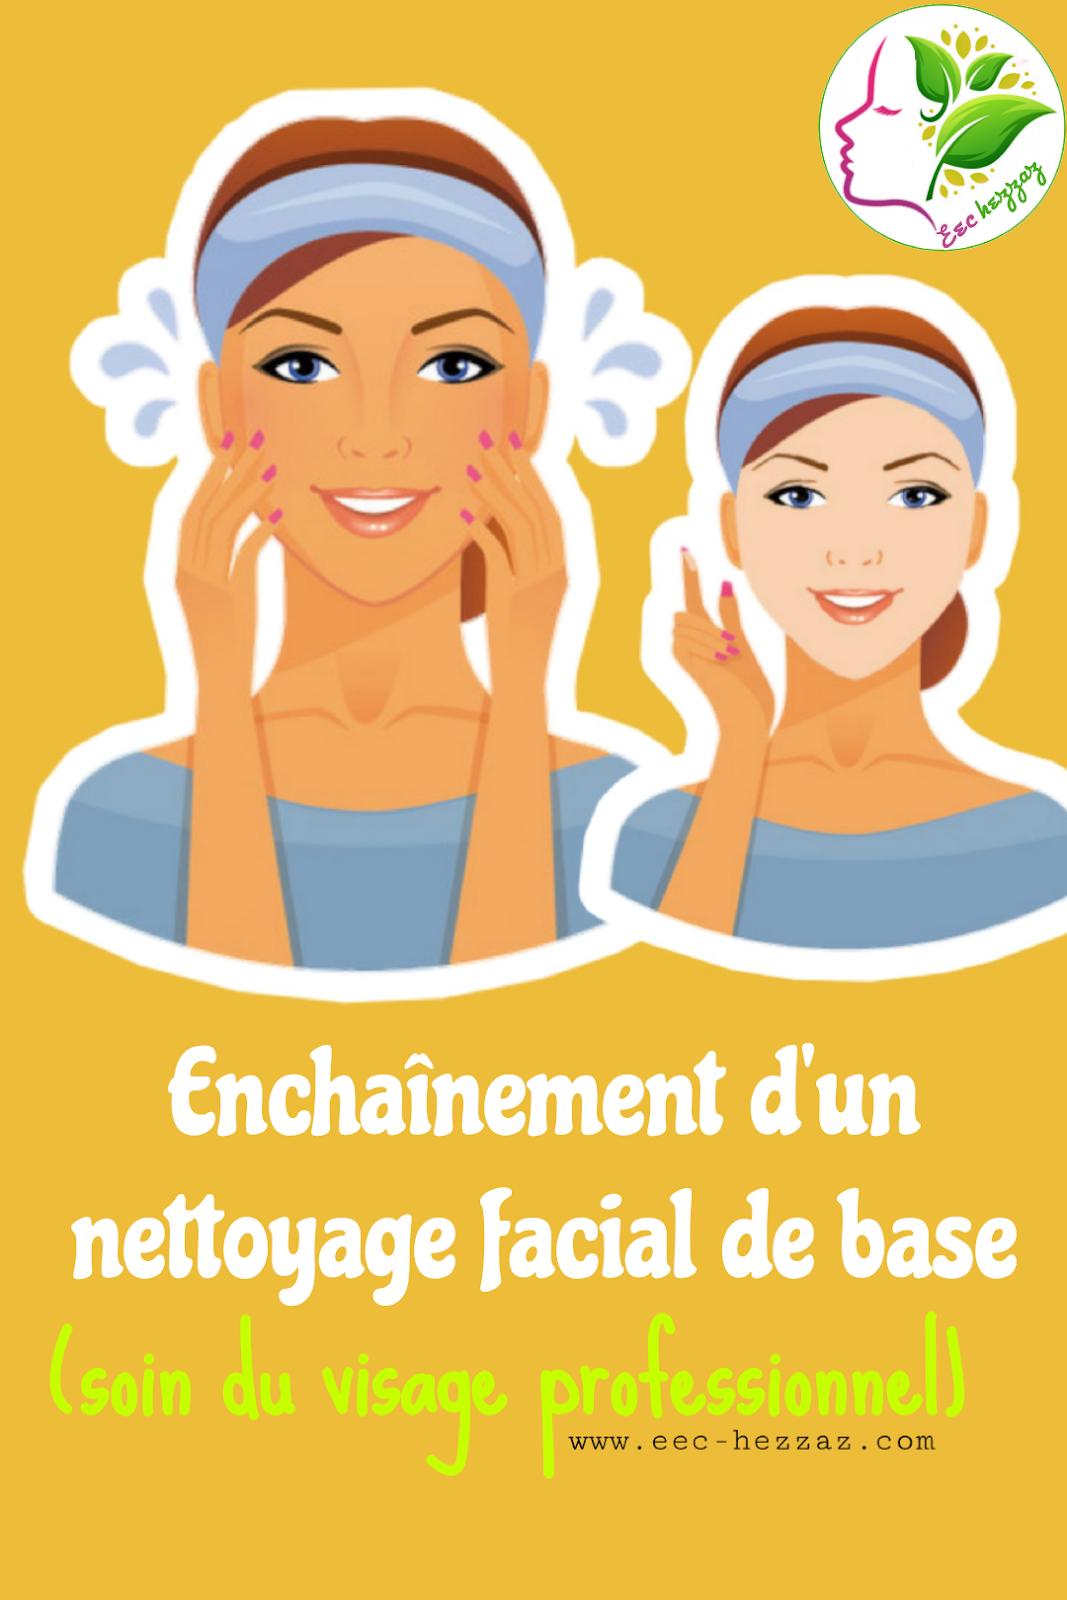 Enchaînement d'un nettoyage facial de base (soin du visage professionnel)